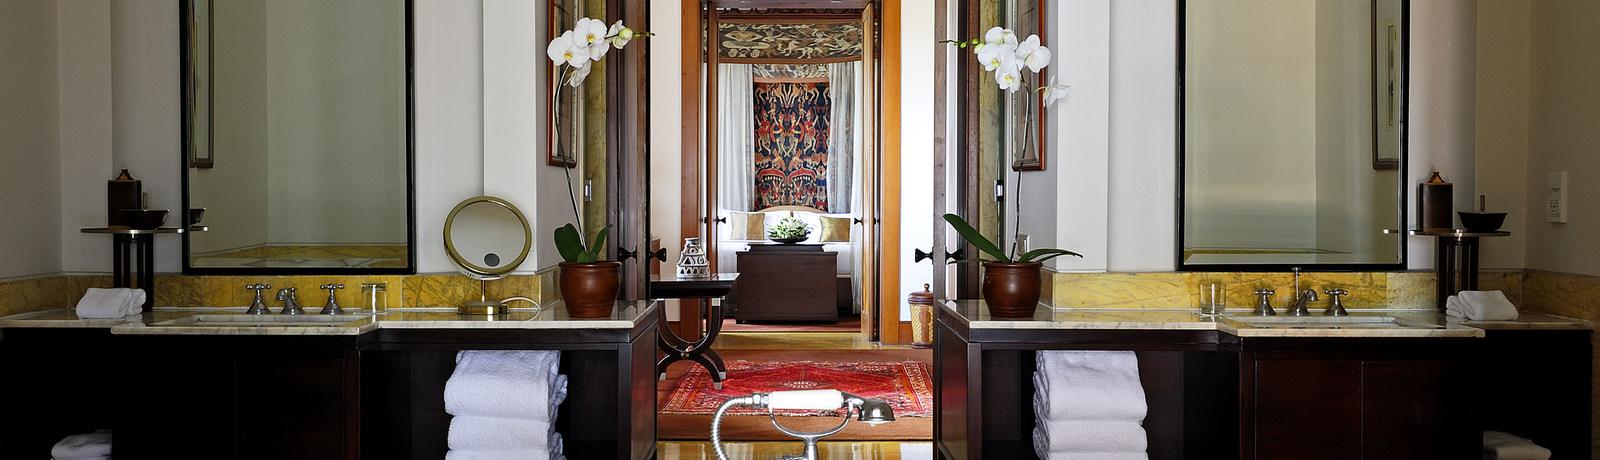 Lebaran di Jakarta? 5 Hotel Berikut Punya Promo Spesial